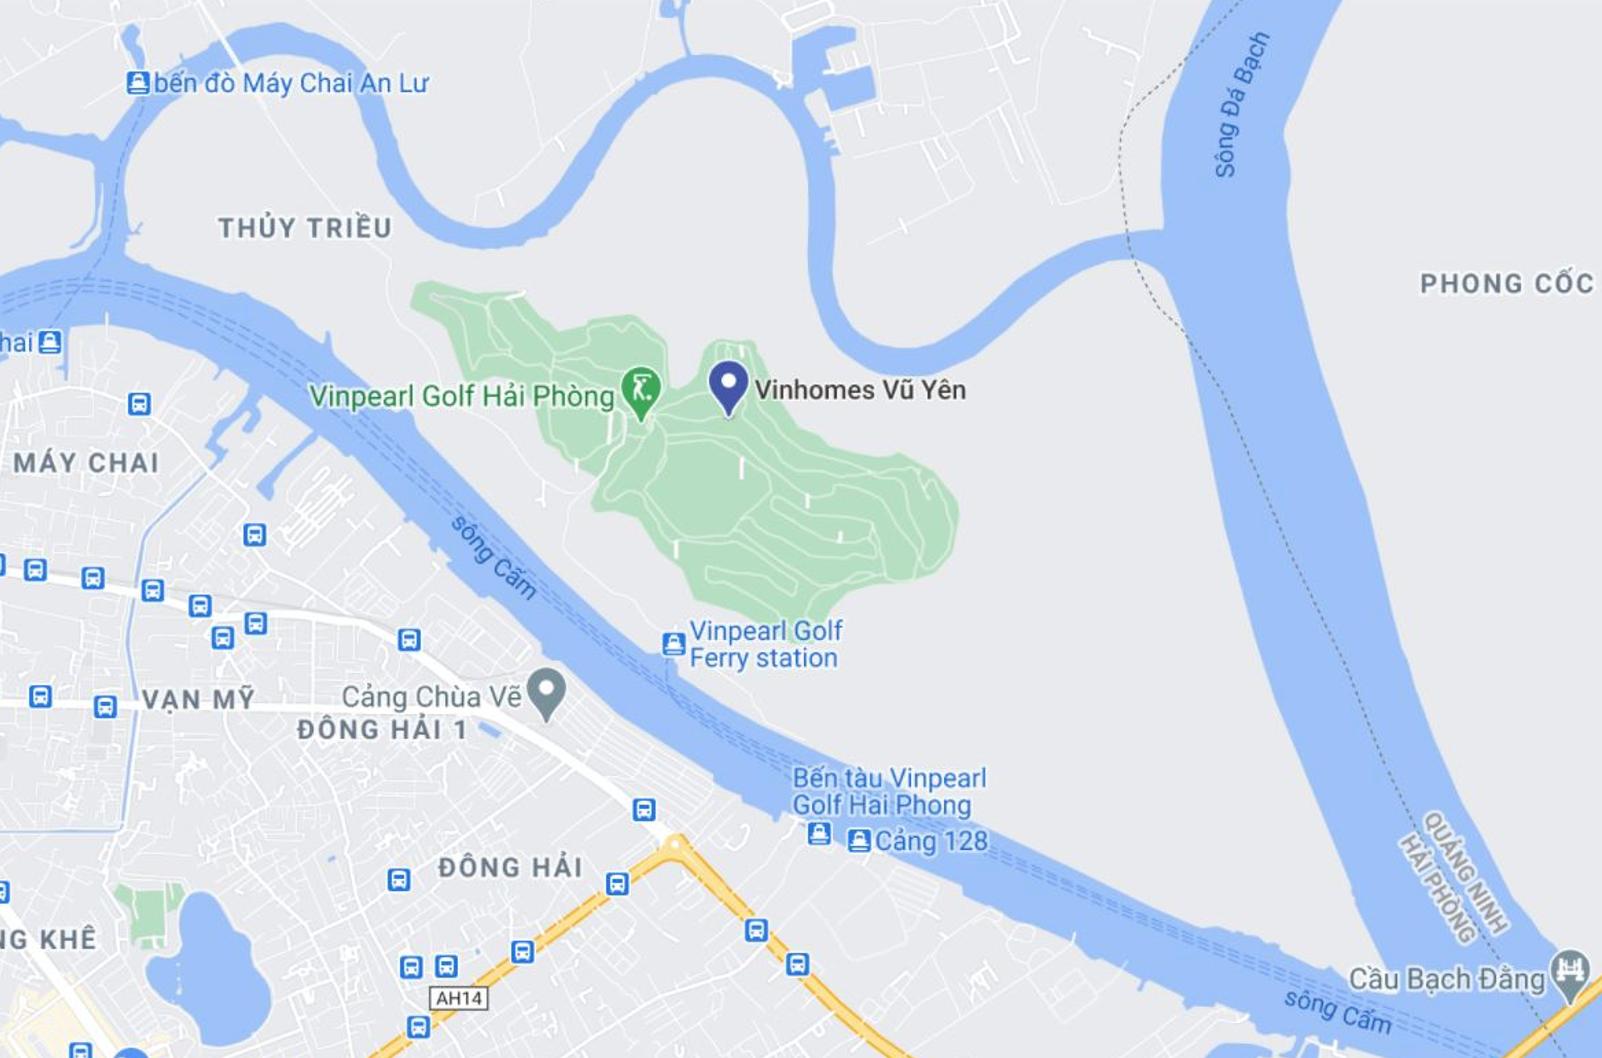 Dự án Vinhomes Vũ Yên khu đô thị sinh thái tại Hải Phòng » Thông tin Dự án  - Cập nhật tin tức Bất Động Sản mới nhất